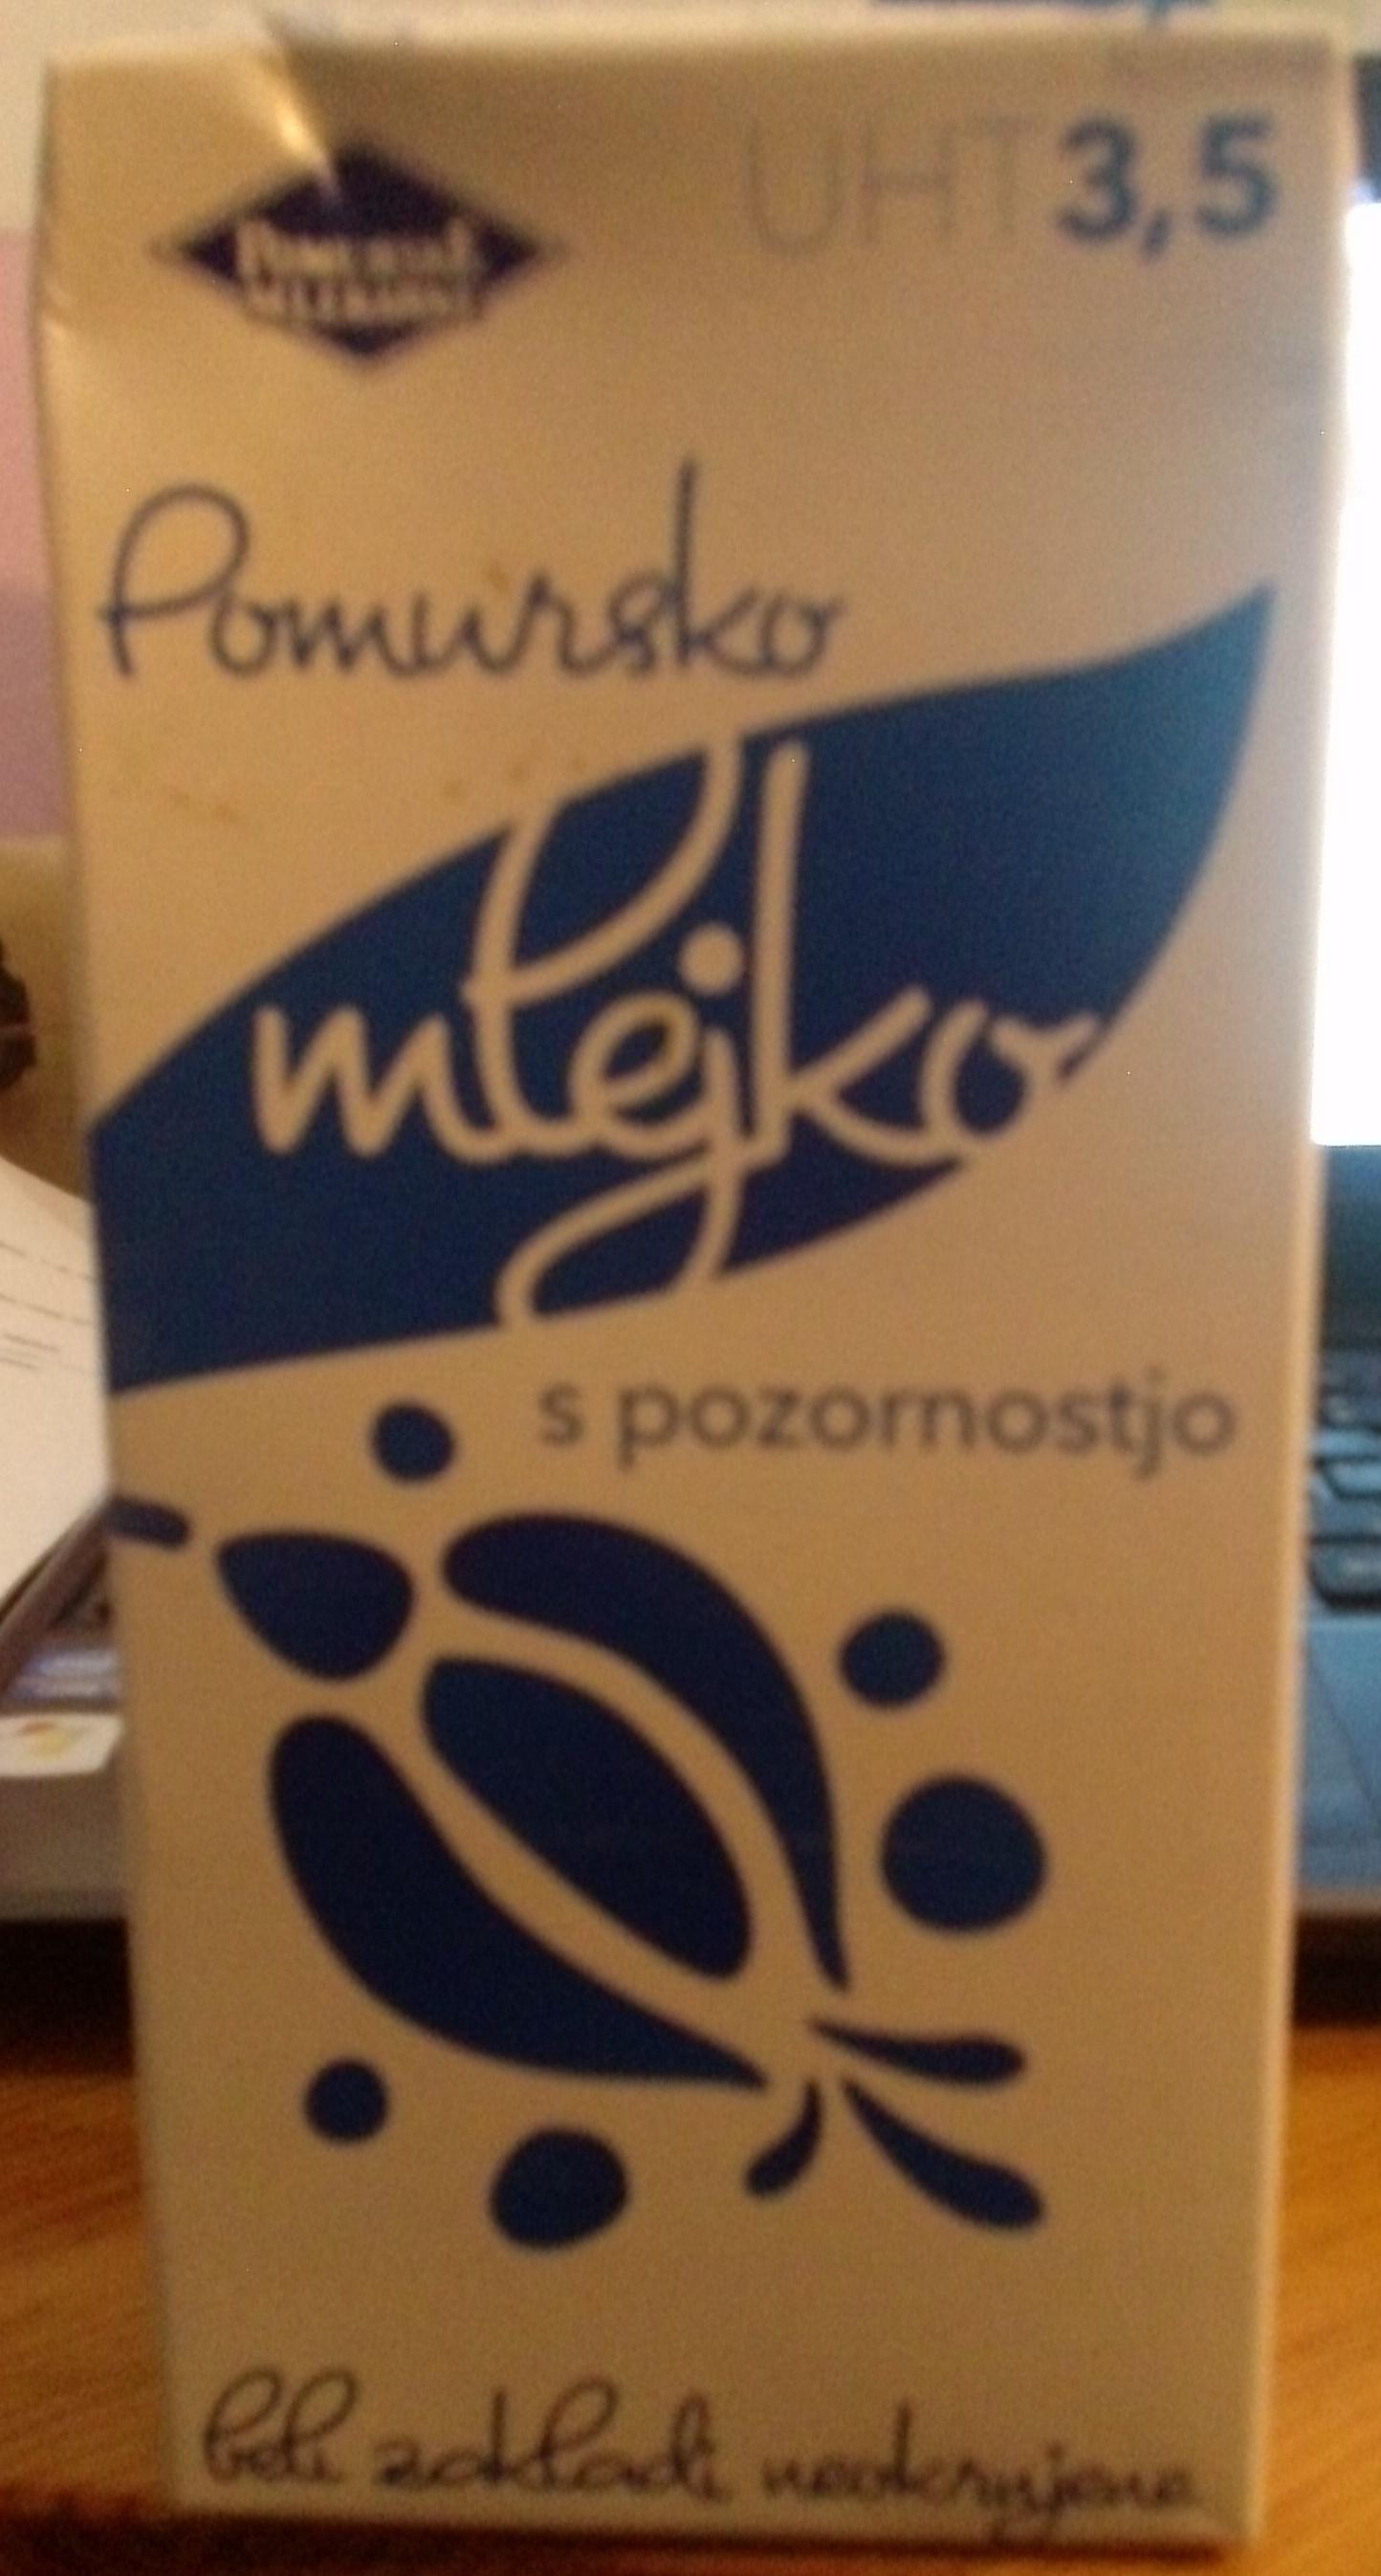 UHT Pomursko mlejko - Product - en